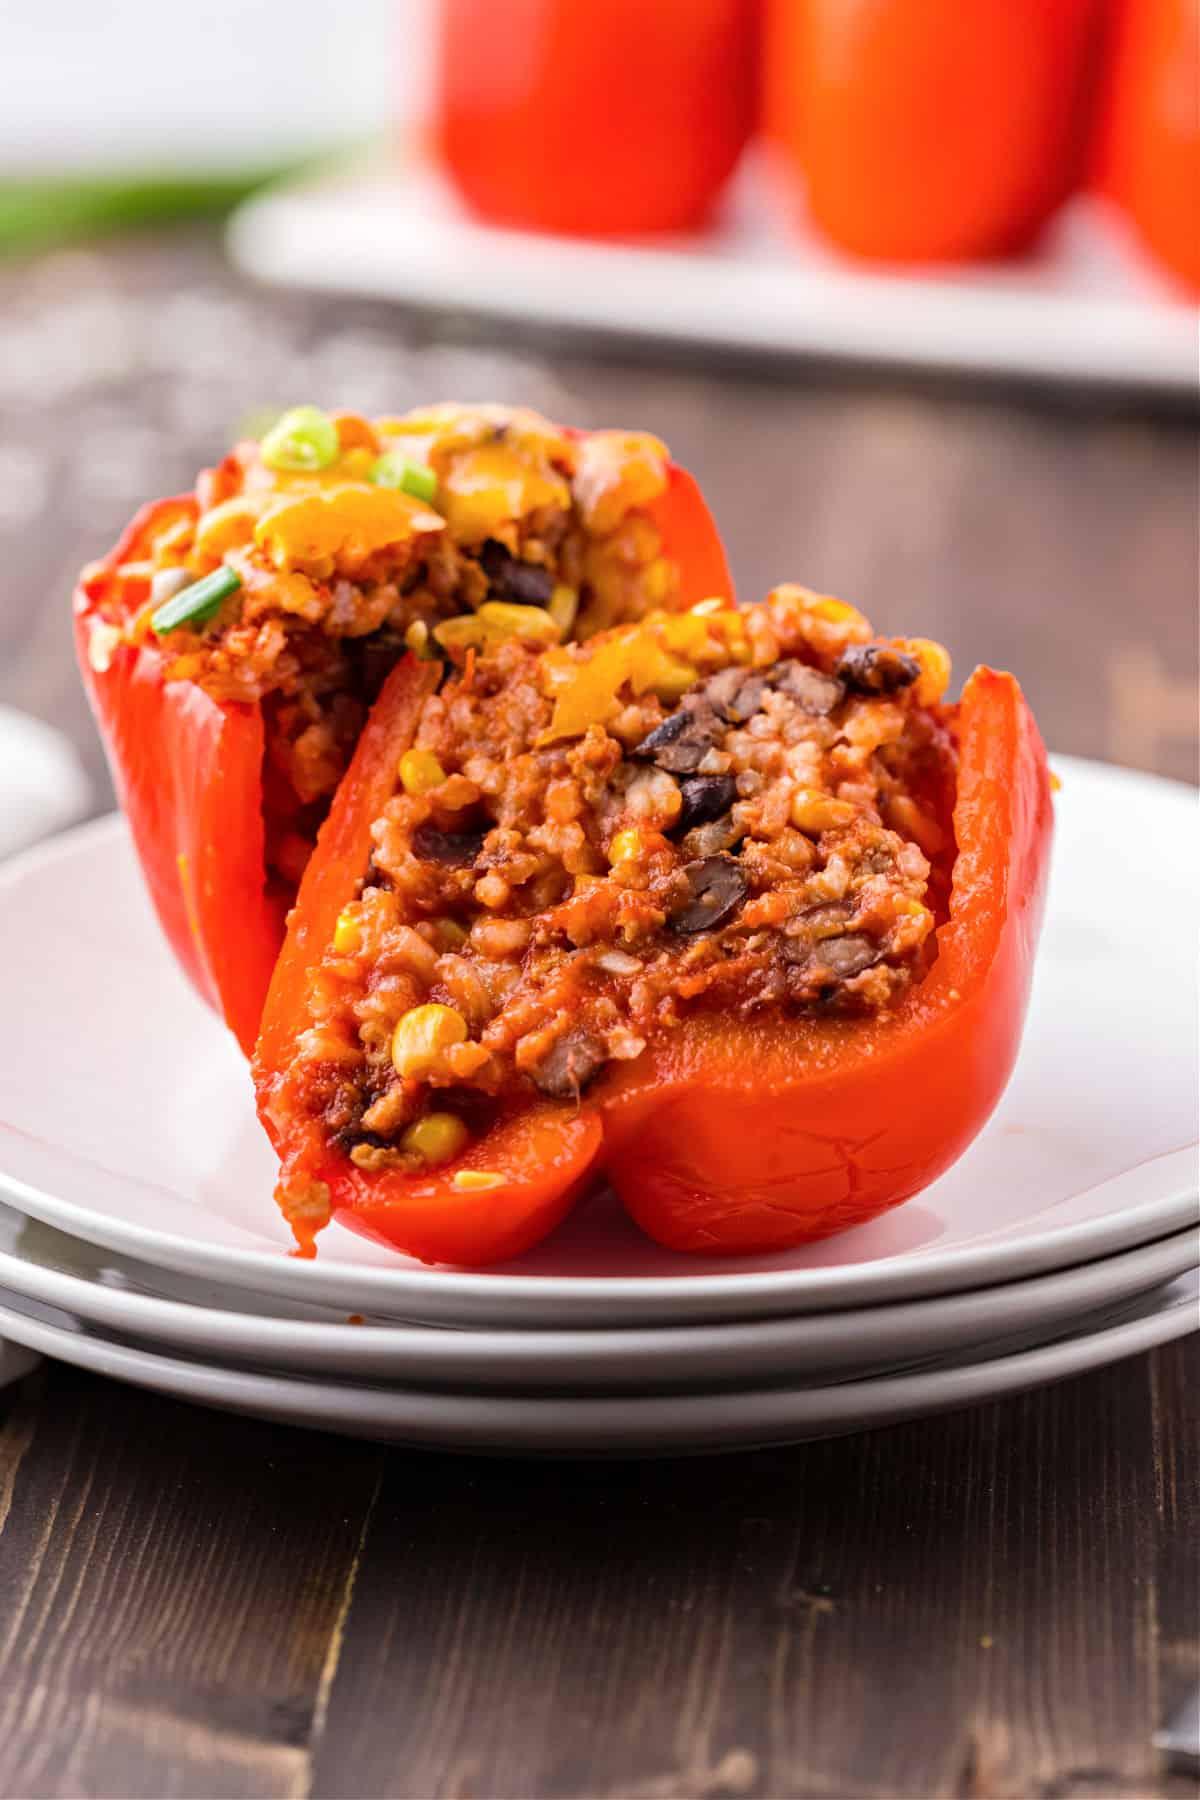 Stuffed red pepper cut in half on a plate.